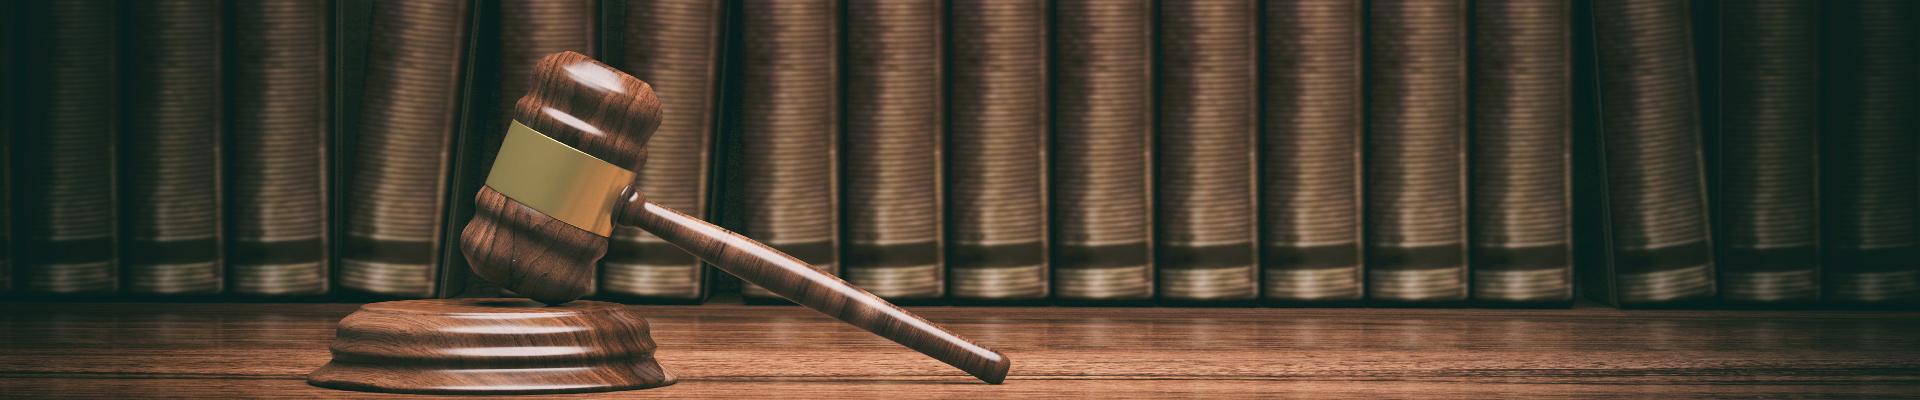 البرنامج المتخصص: القانون المُمارس في قطر